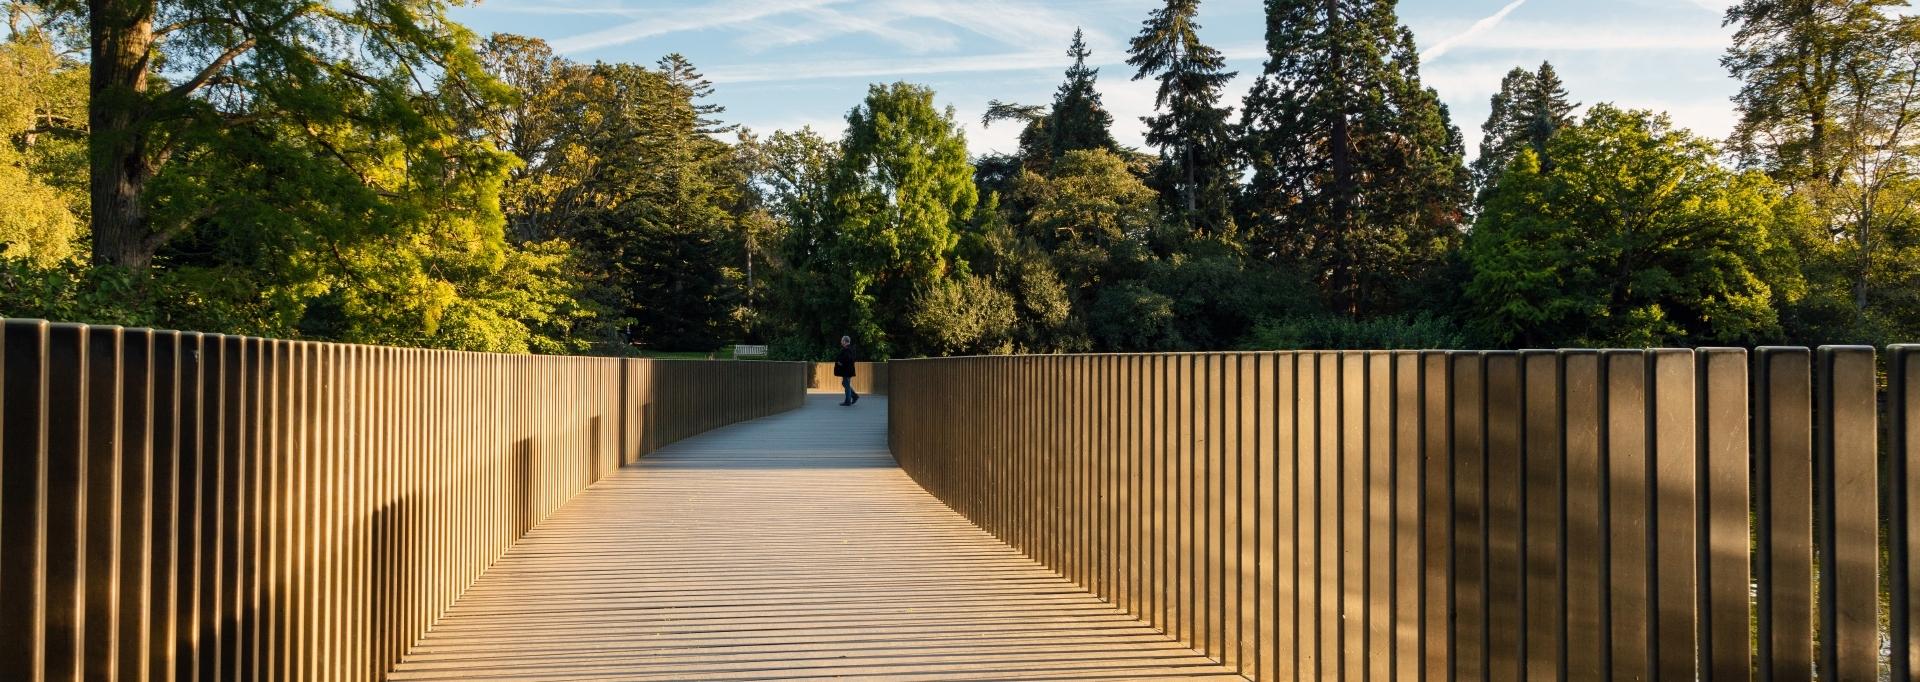 Bridge walkway on a sunny day in Kew